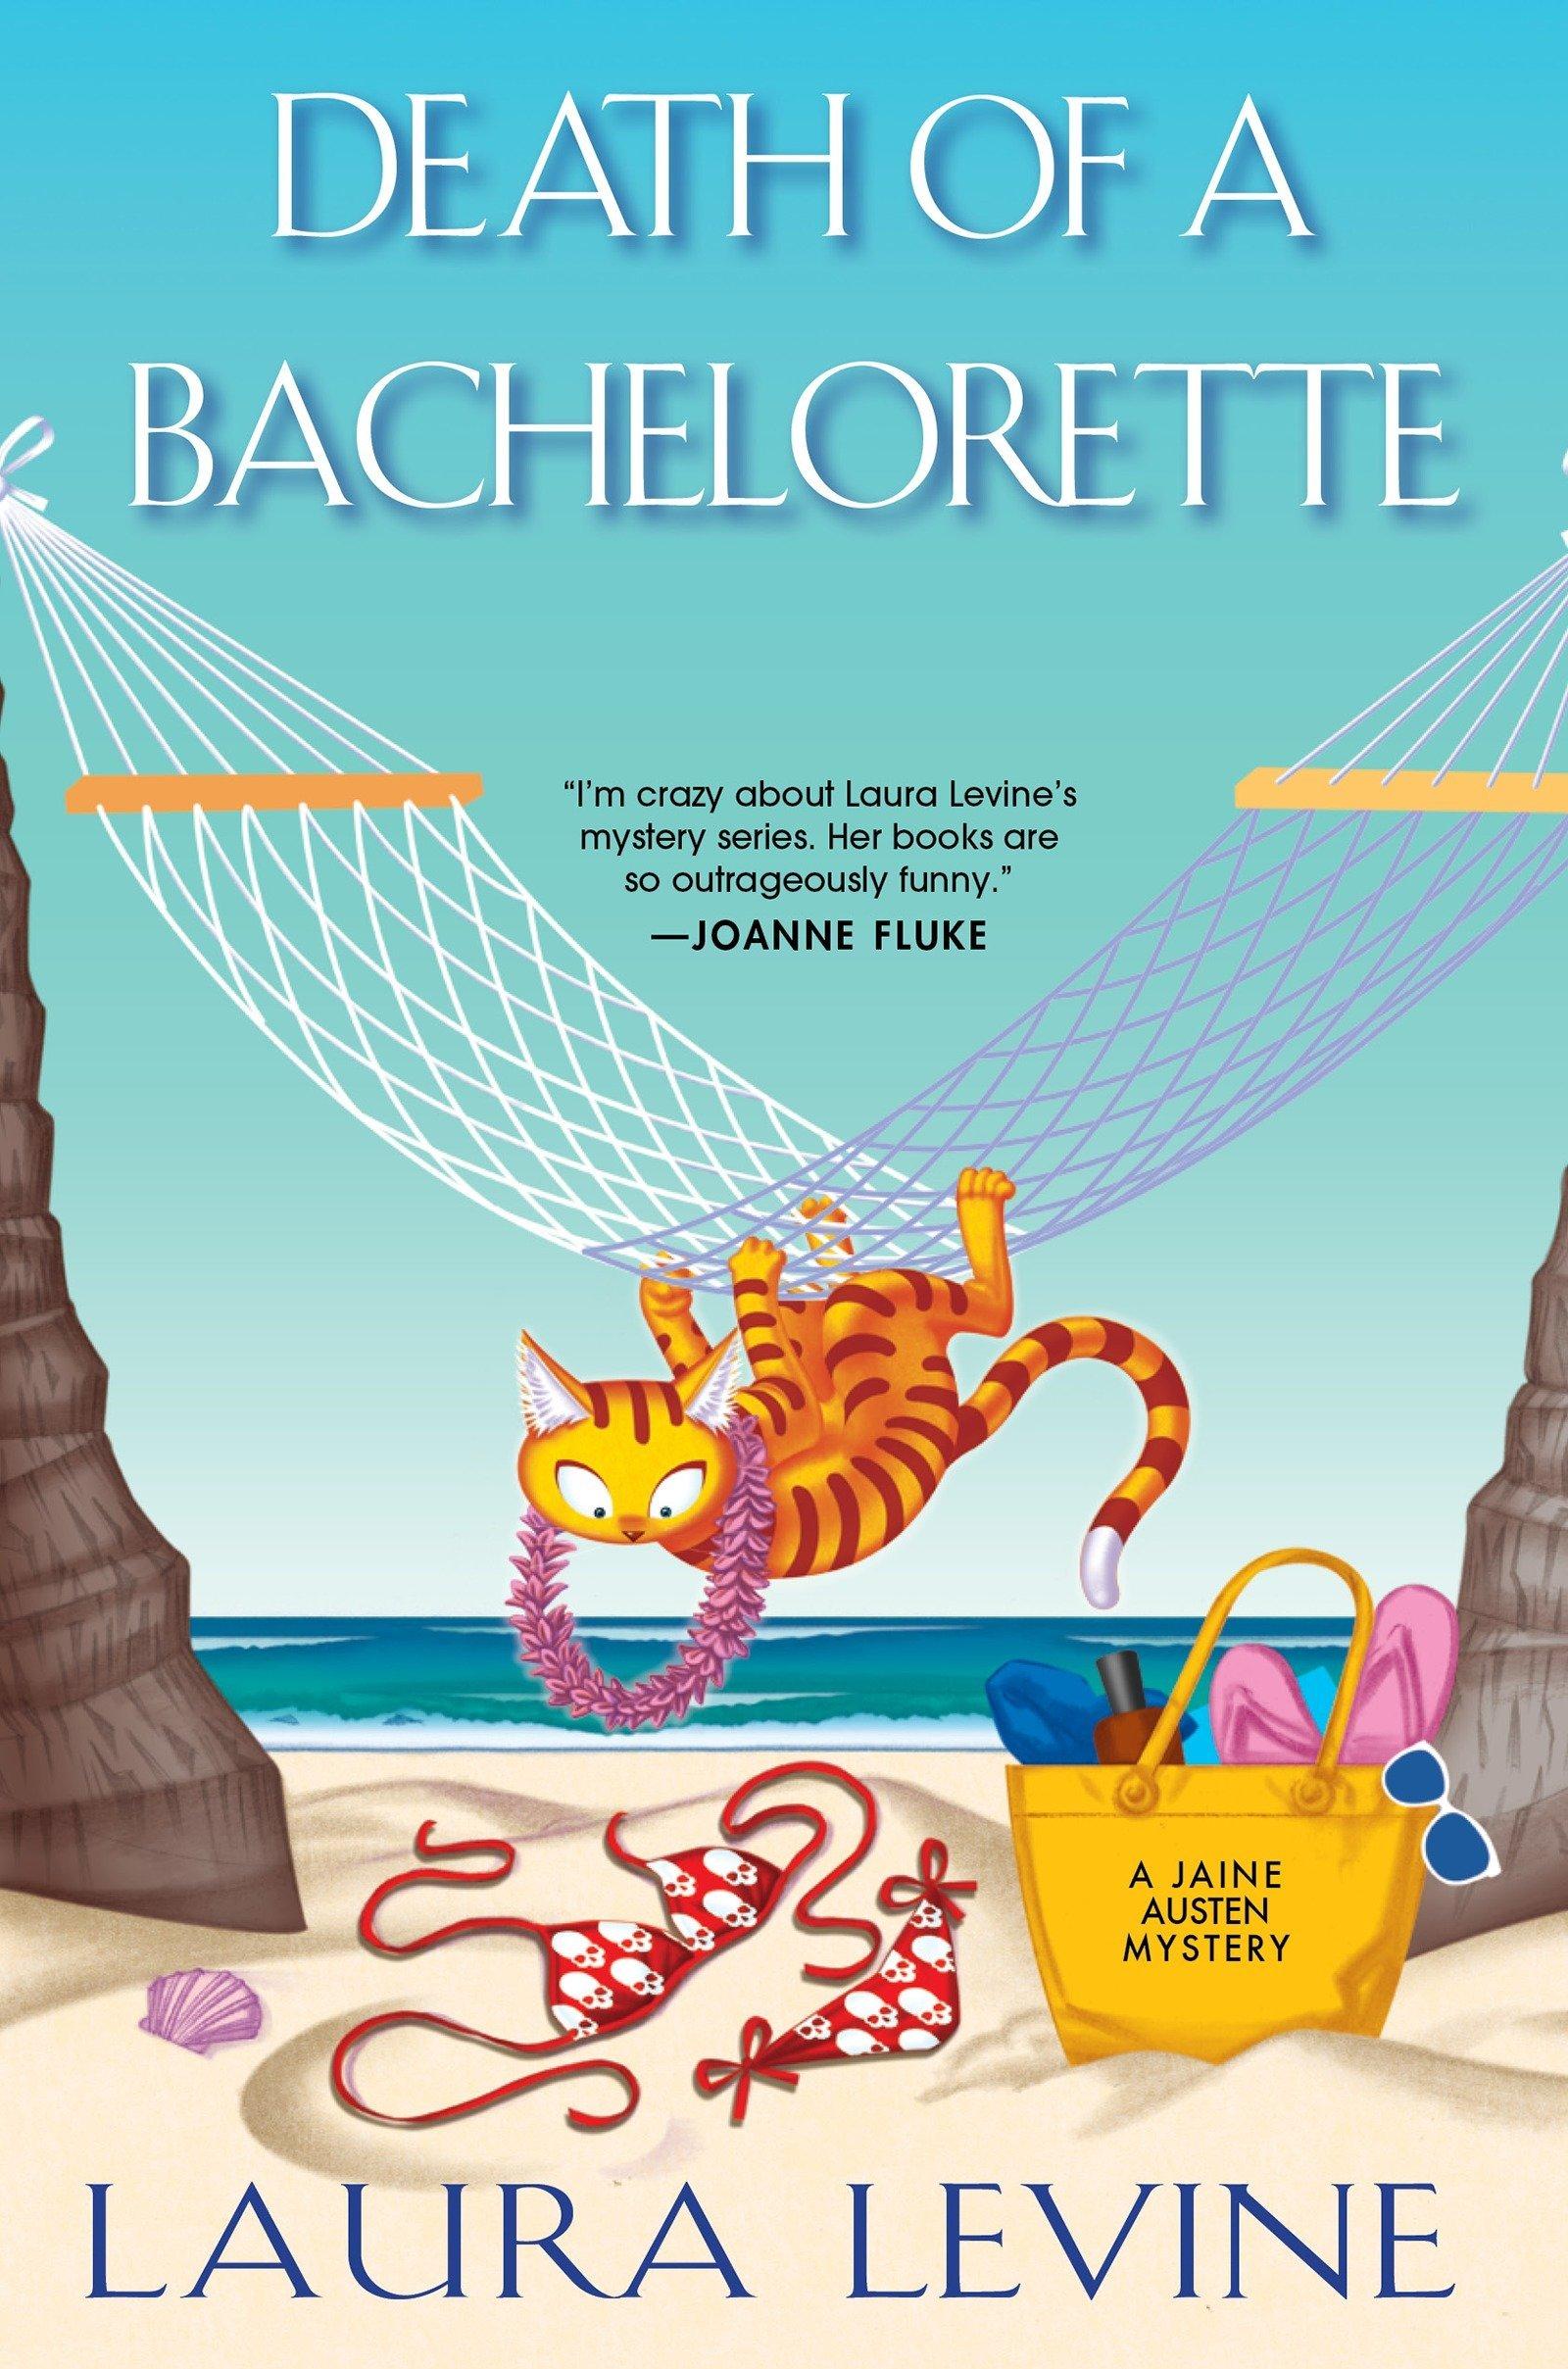 Amazon.com: Death of a Bachelorette (A Jaine Austen Mystery ...